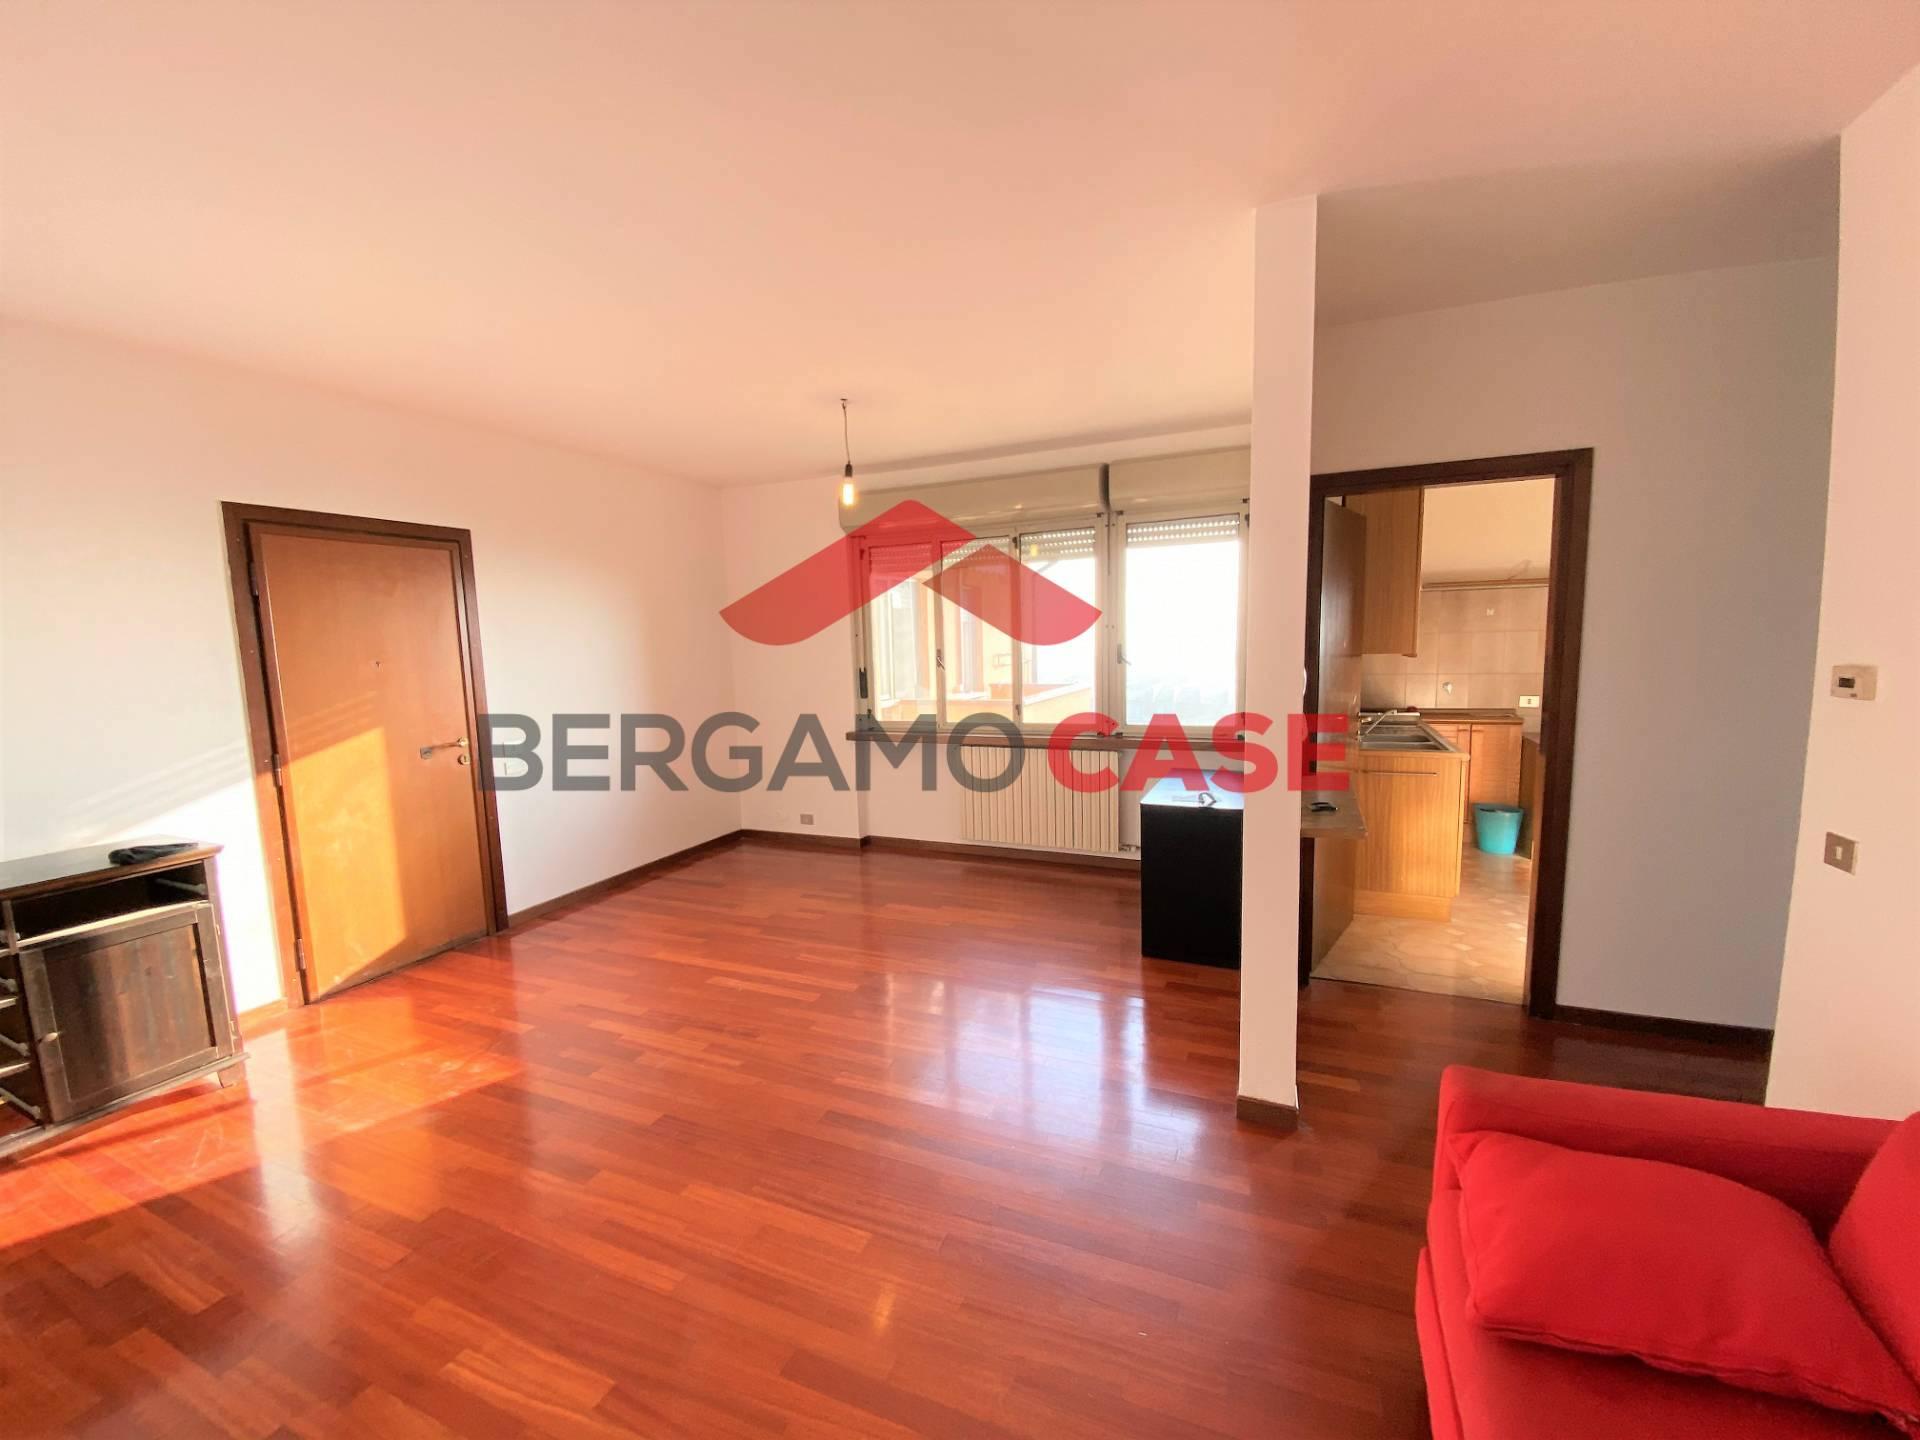 Appartamento in vendita a Seriate, 3 locali, zona Zona: Paderno, prezzo € 89.000 | CambioCasa.it